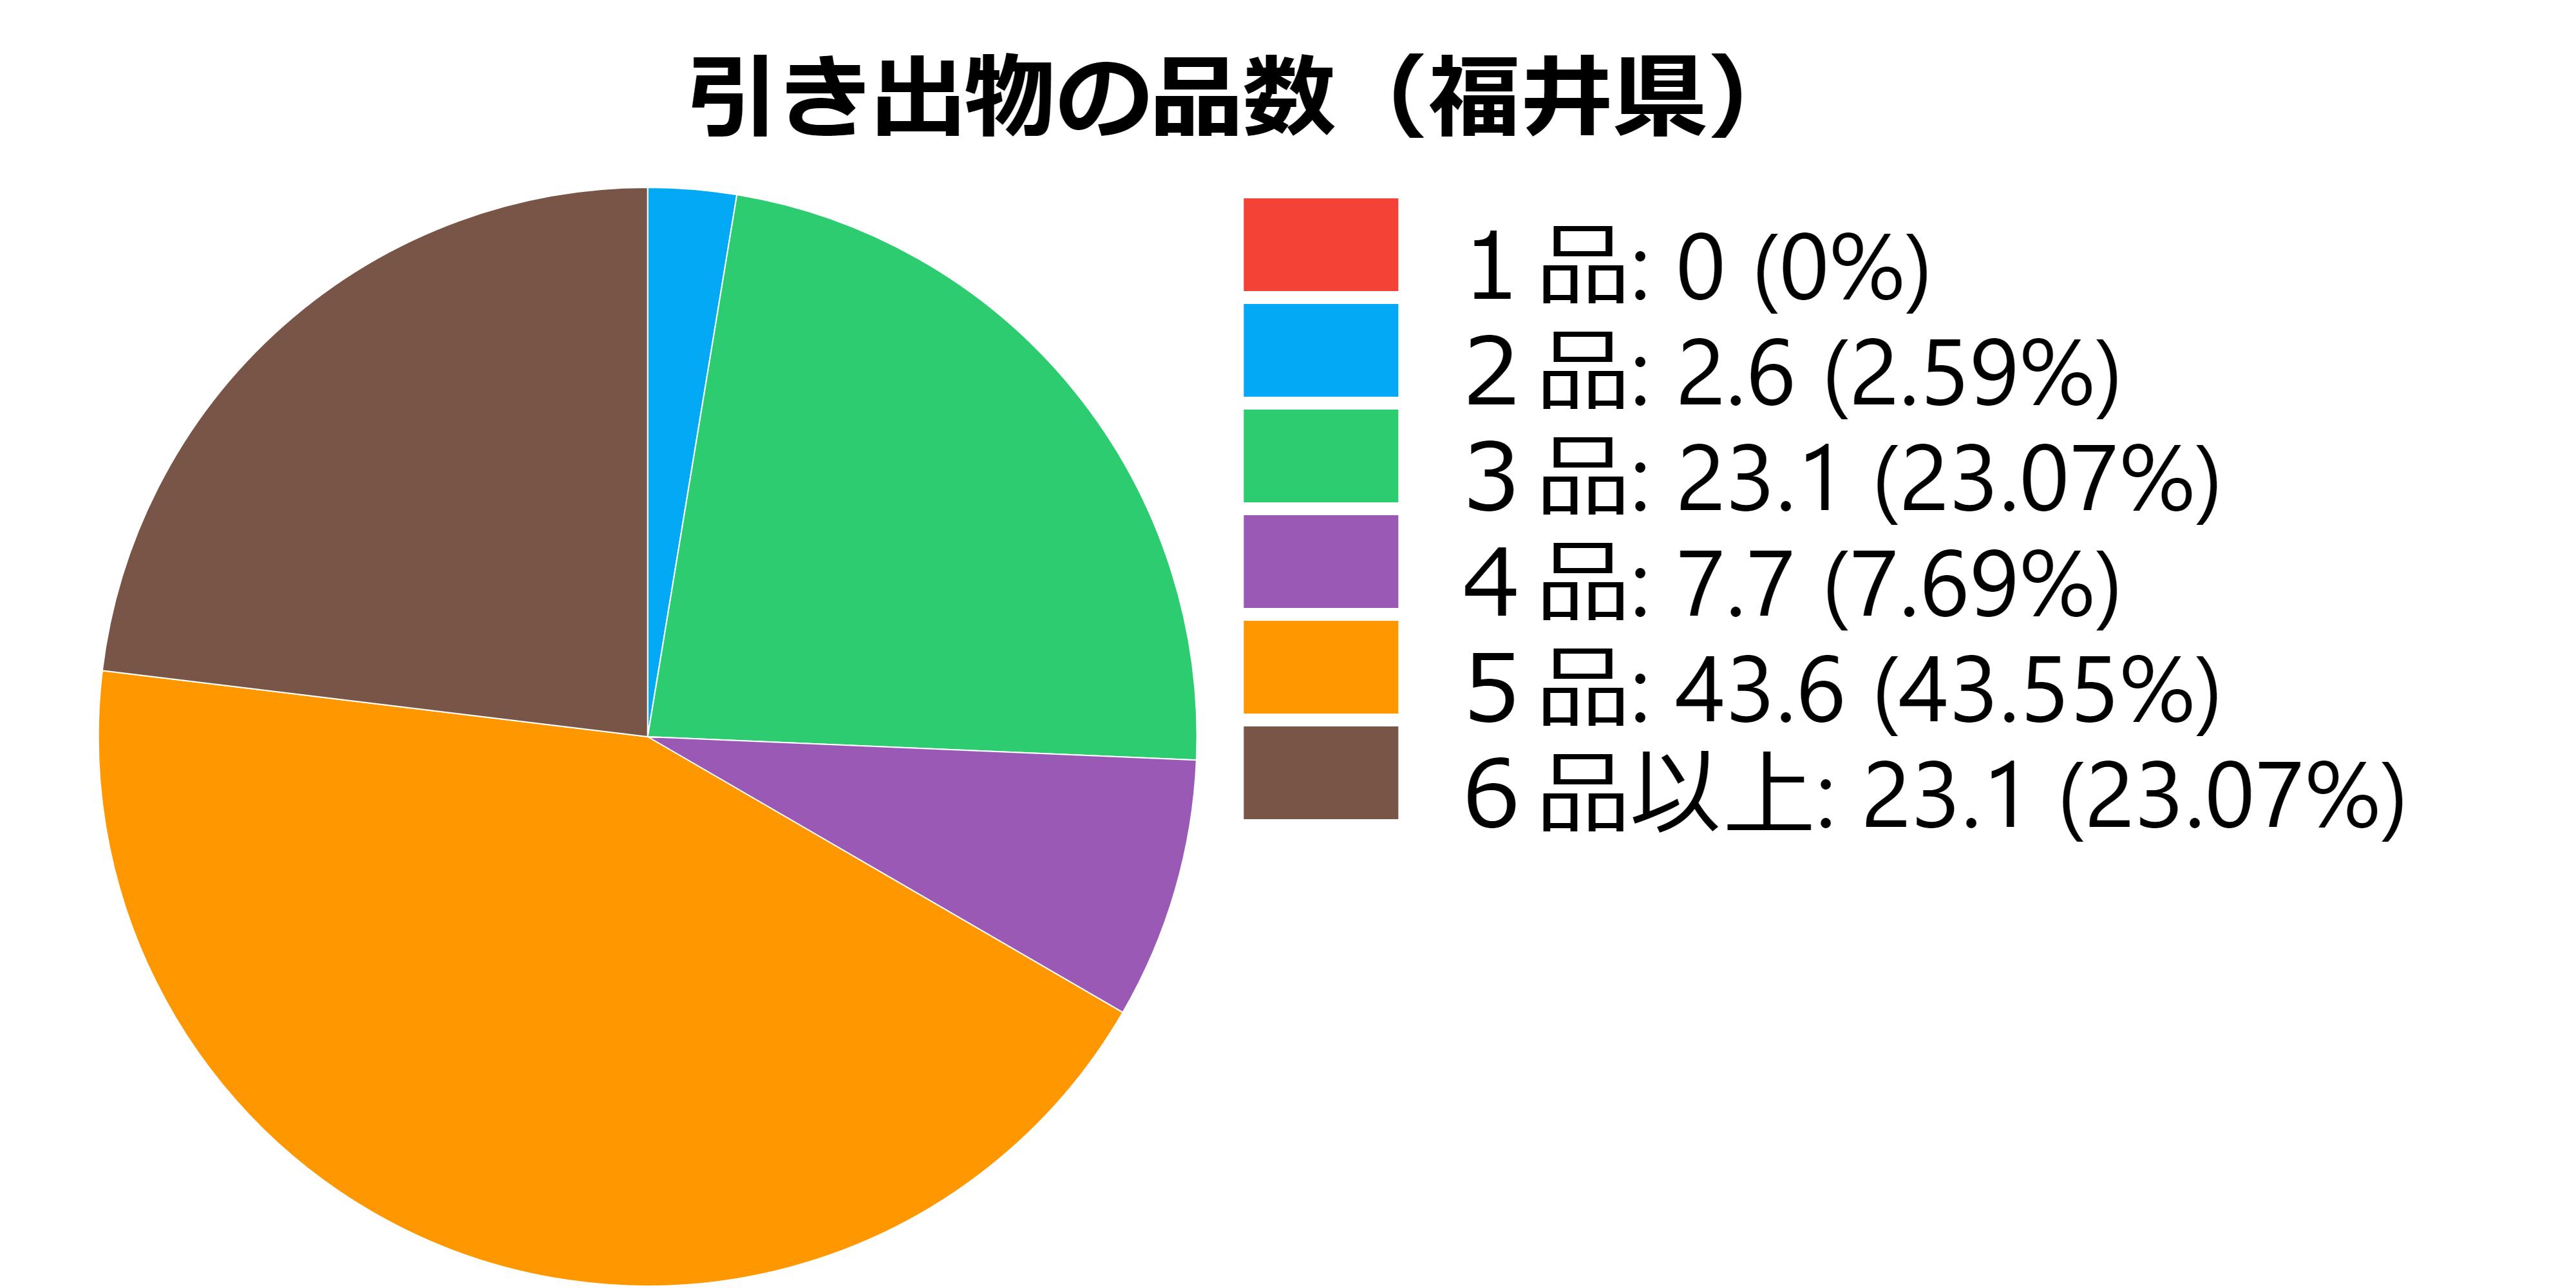 品数(福井県)